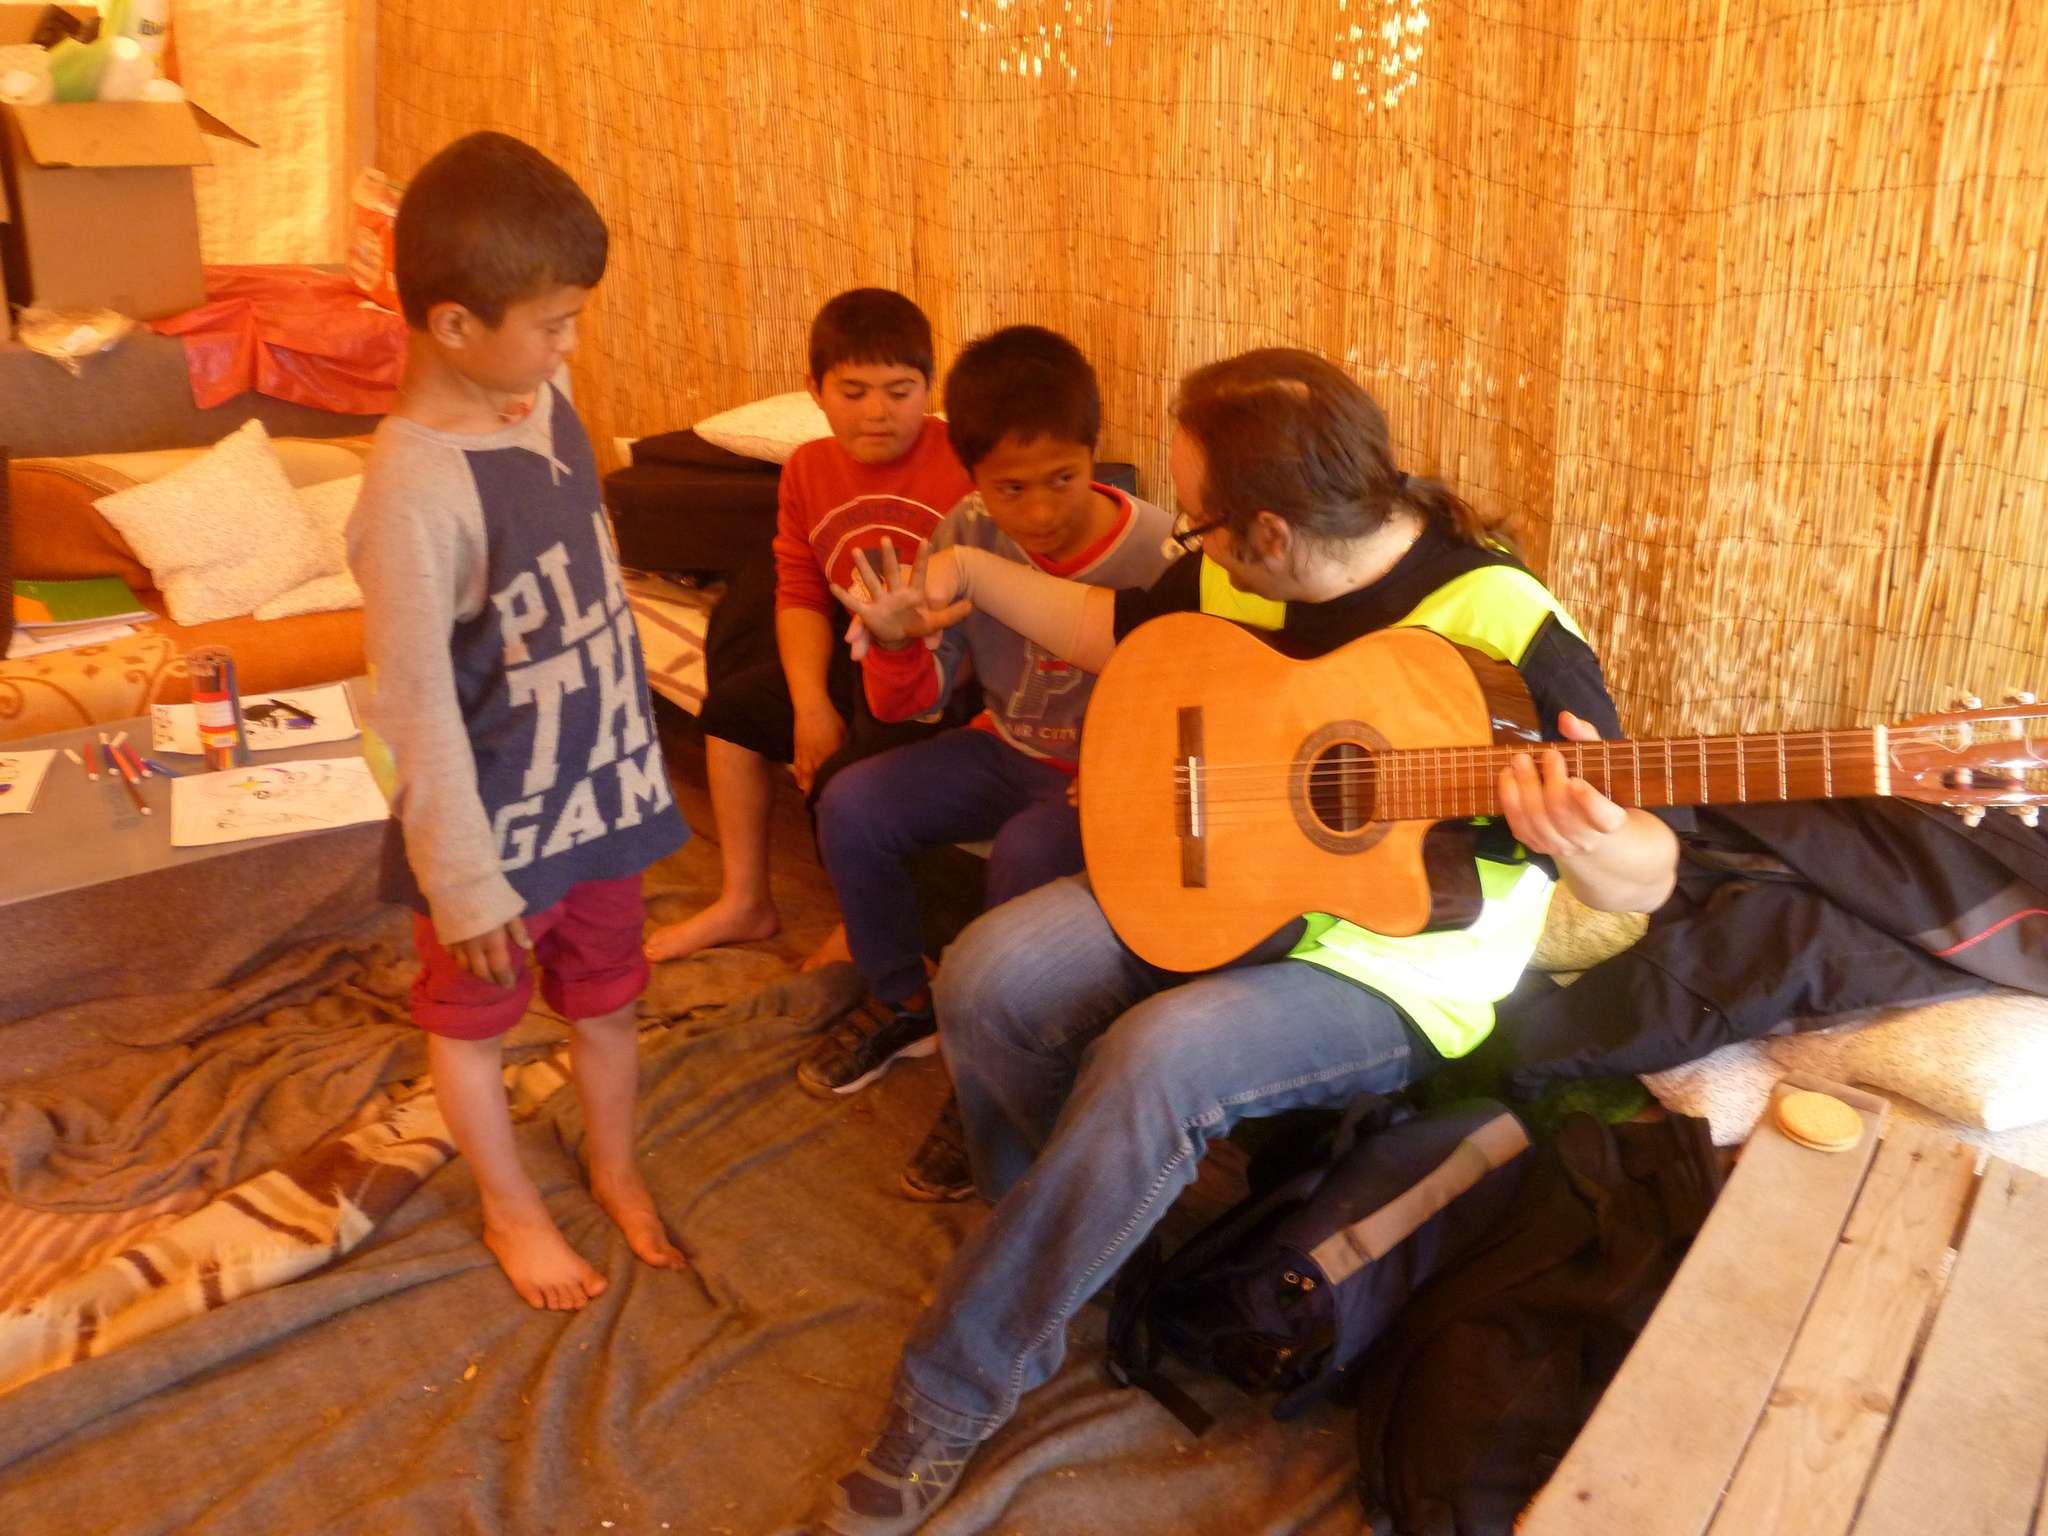 refugiados-proyectos-culturales-p1040578